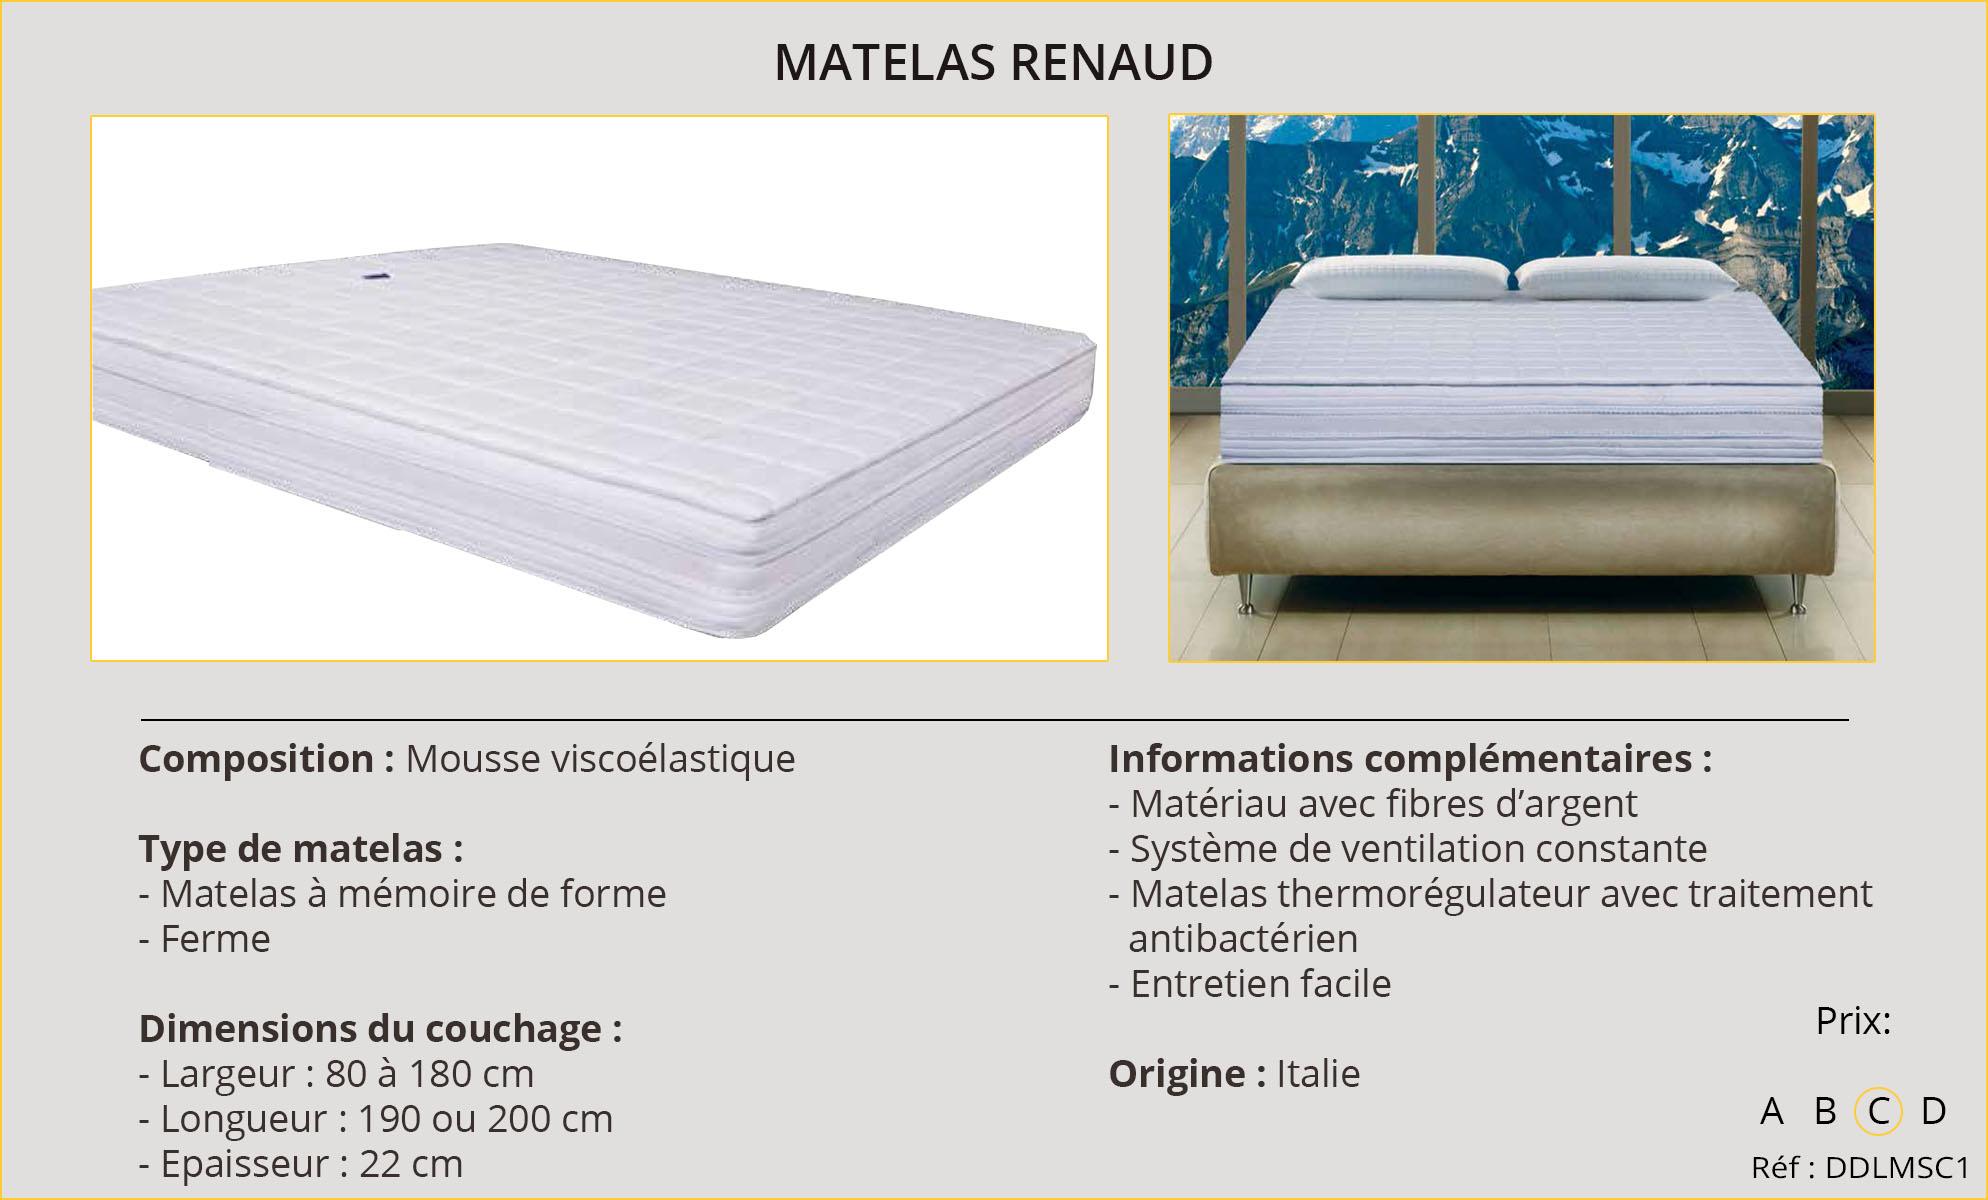 Rideaux-Hôtels Matelas Renaud